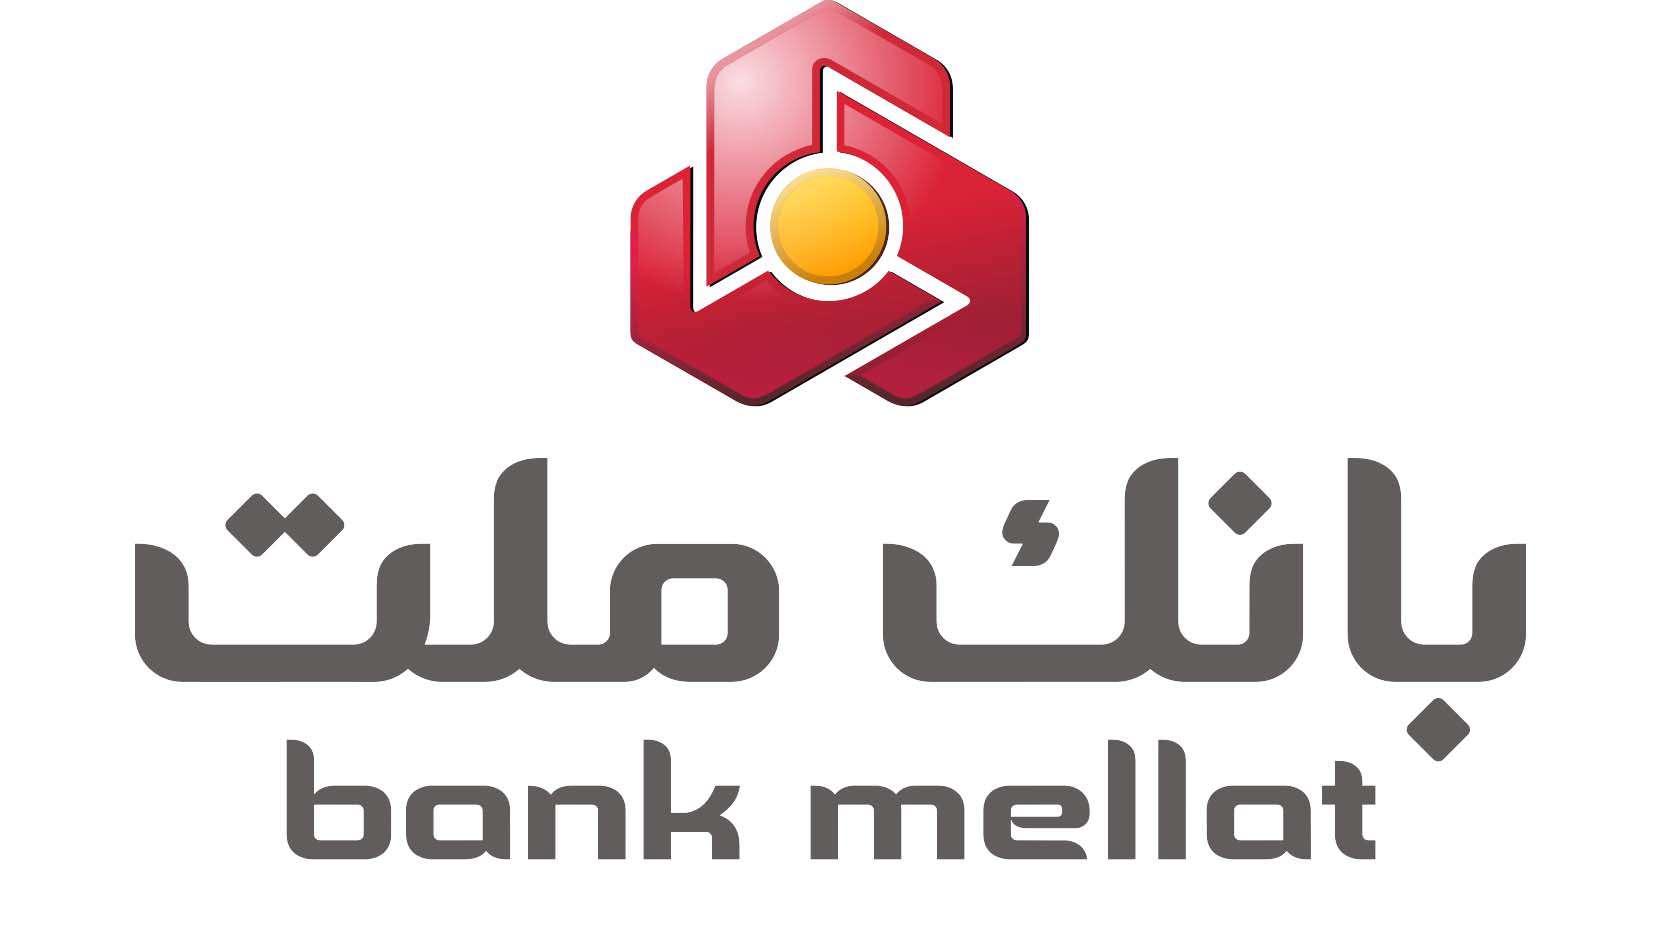 دانلود نسخه جدید همراه بانک ملت 1.1.4 برای اندروید